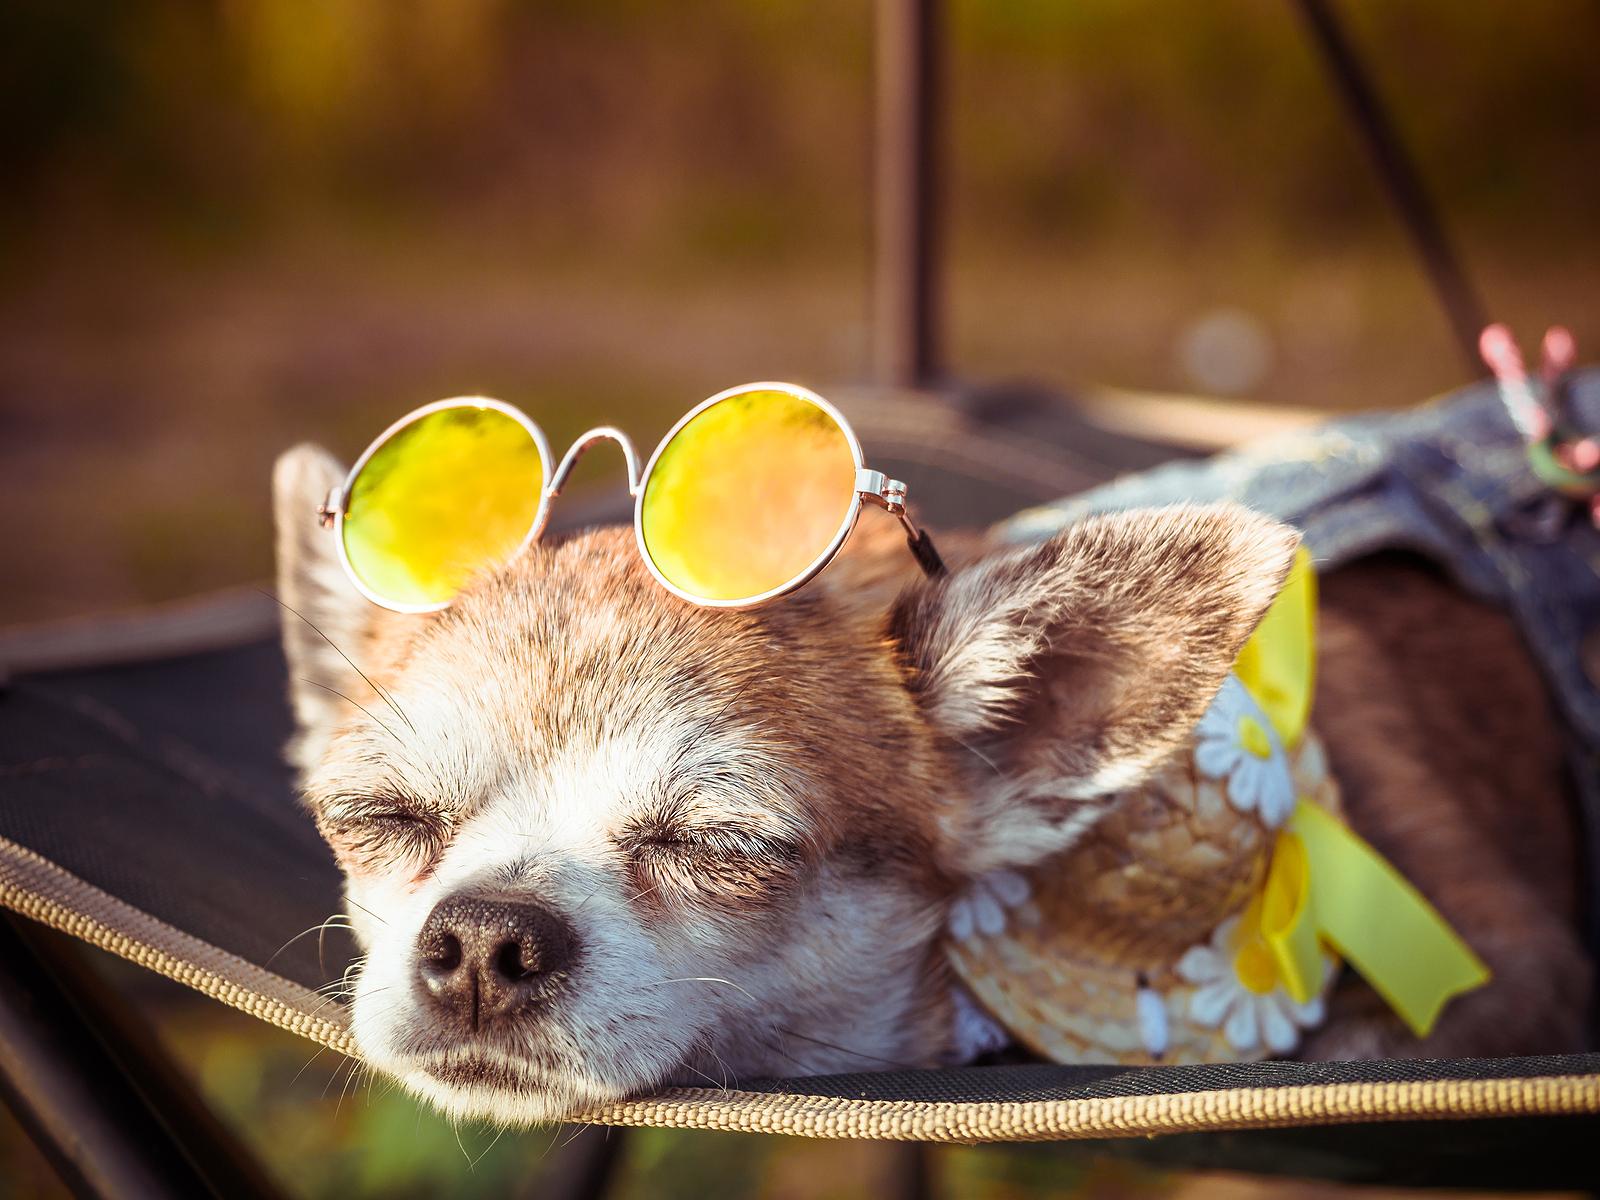 Óvjuk meg kedvencünket a káros napsugaraktól!